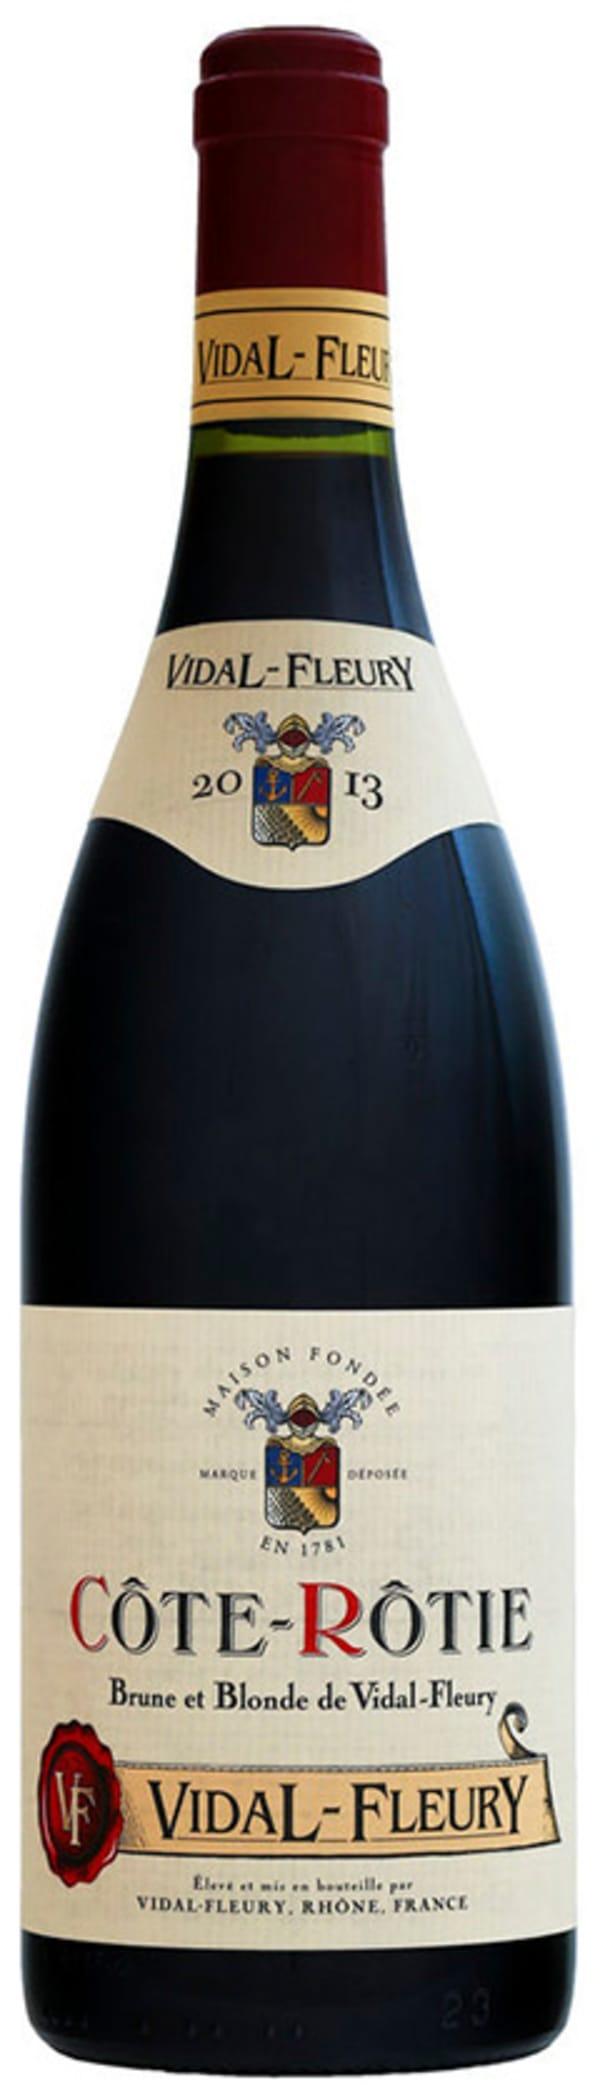 Vidal-Fleury Côte-Rôtie Brune et Blonde 2015